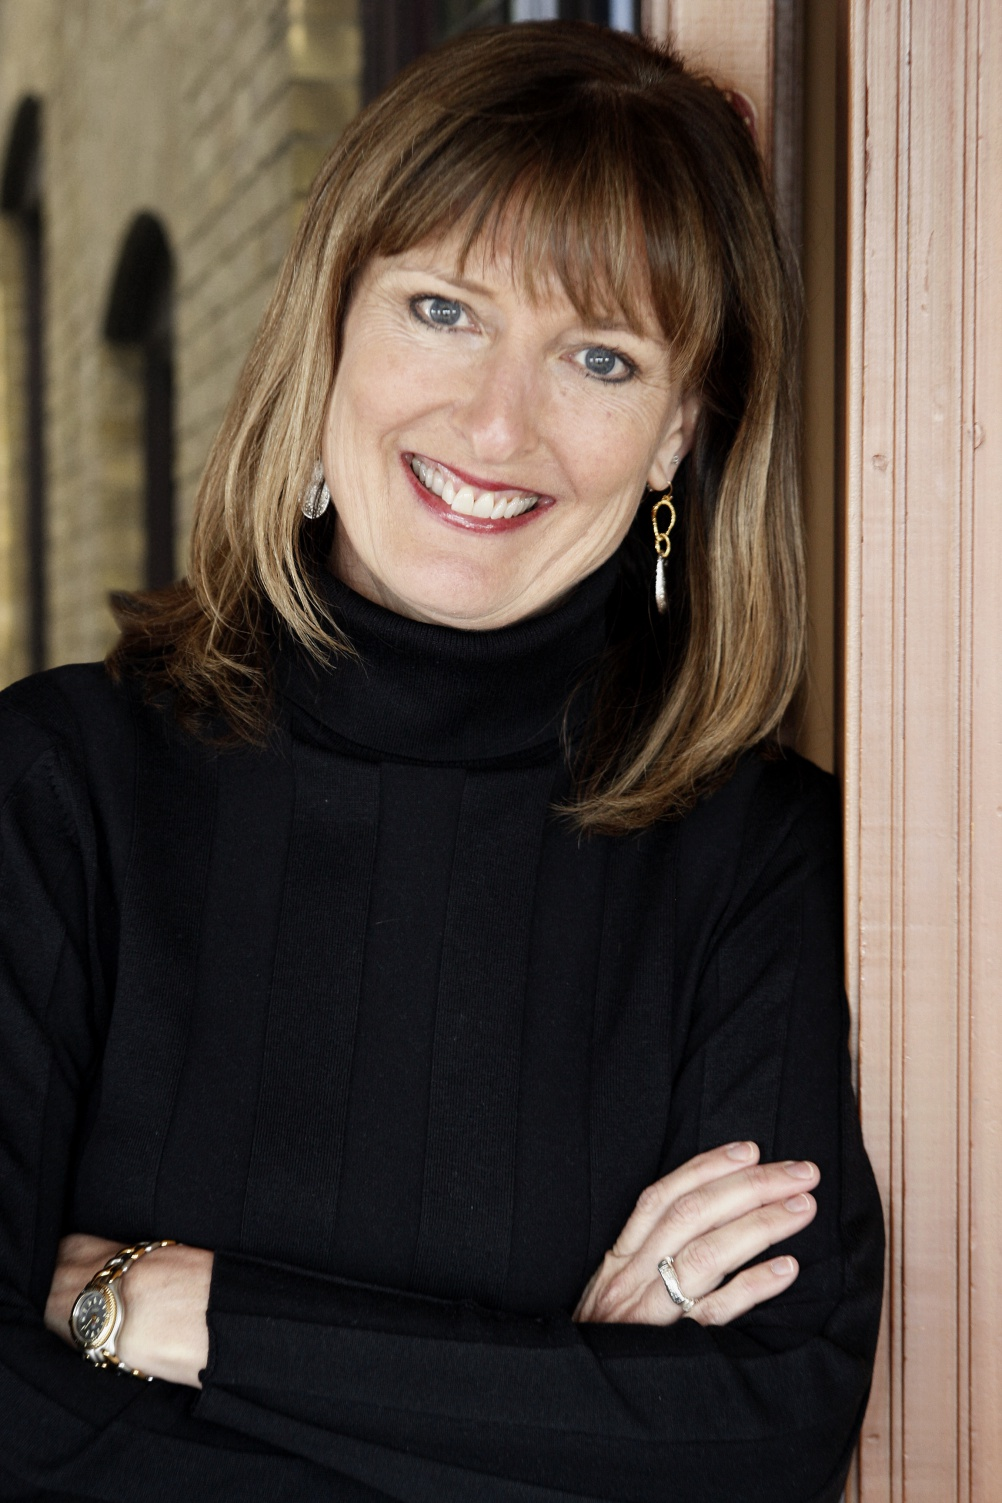 Marylee Sachs